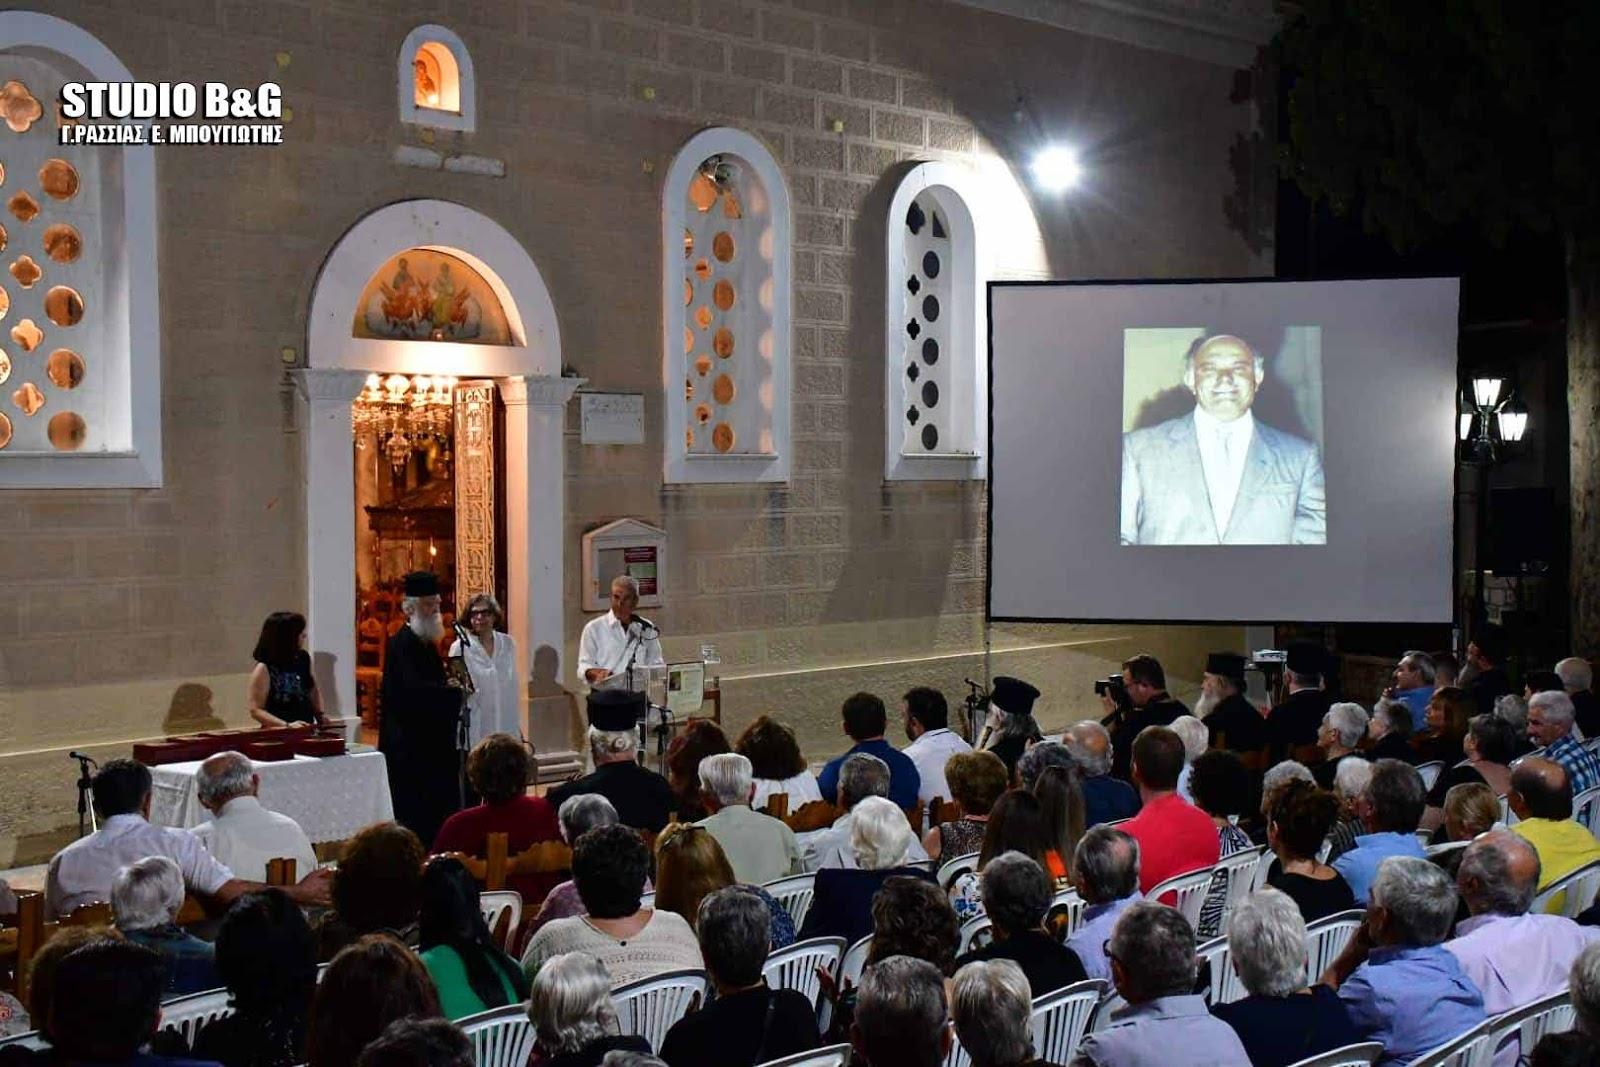 Εκδήλωση «τιμής και μνήμης» για όσους διακόνησαν την Ενορία της Αγίας Τριάδος Λυγουριού